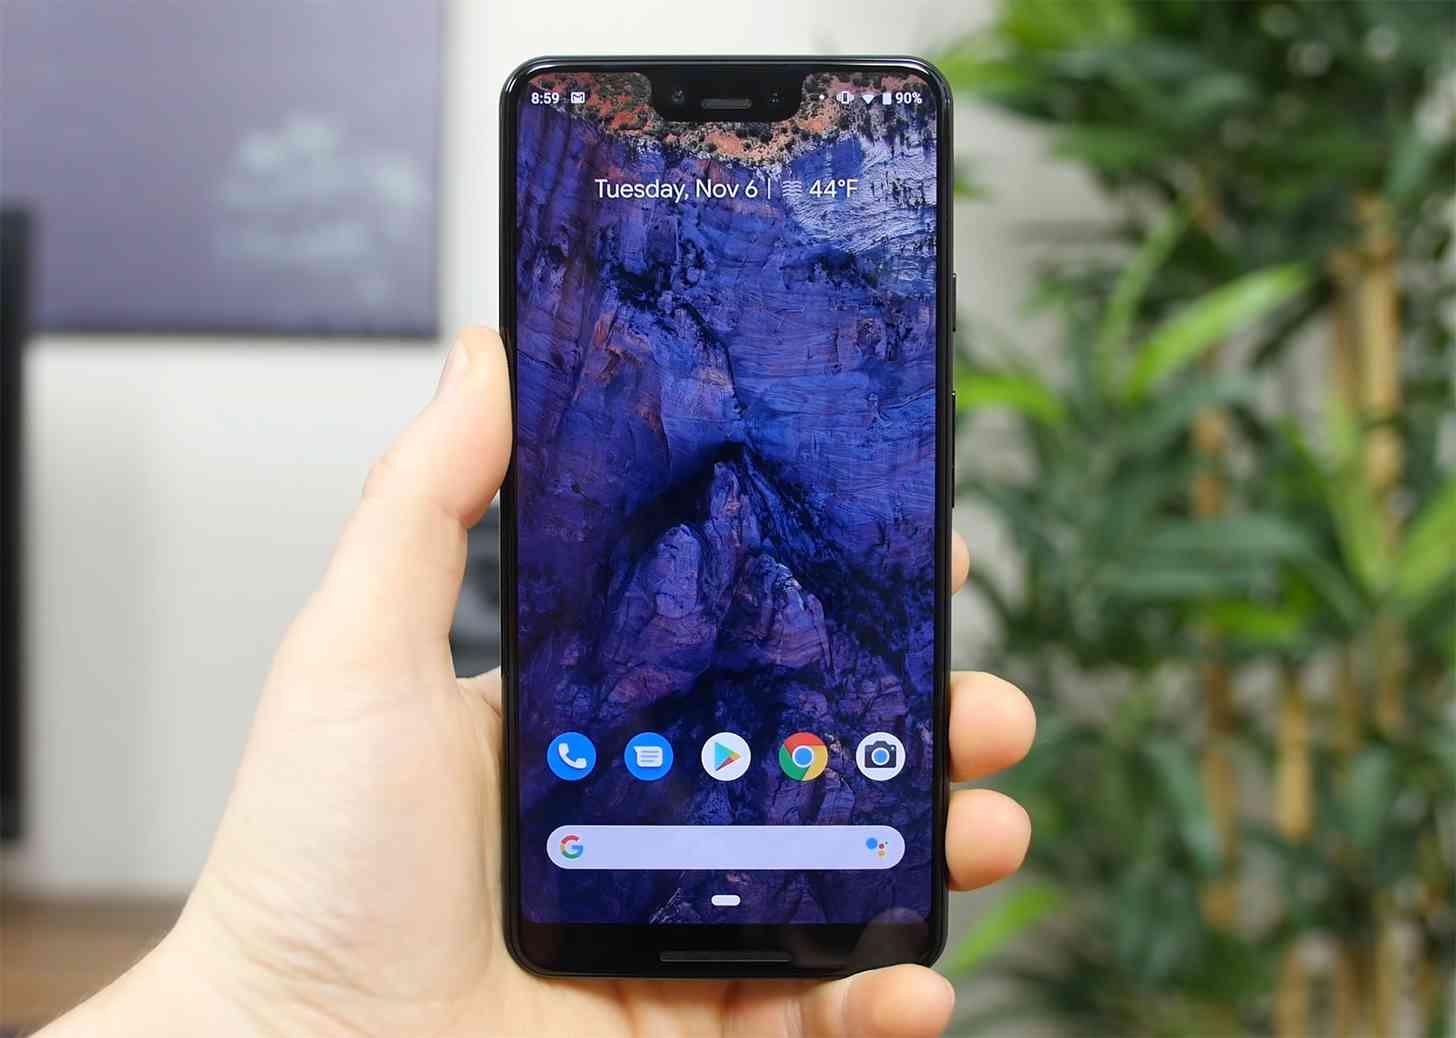 Pixel 3 XL hands-on